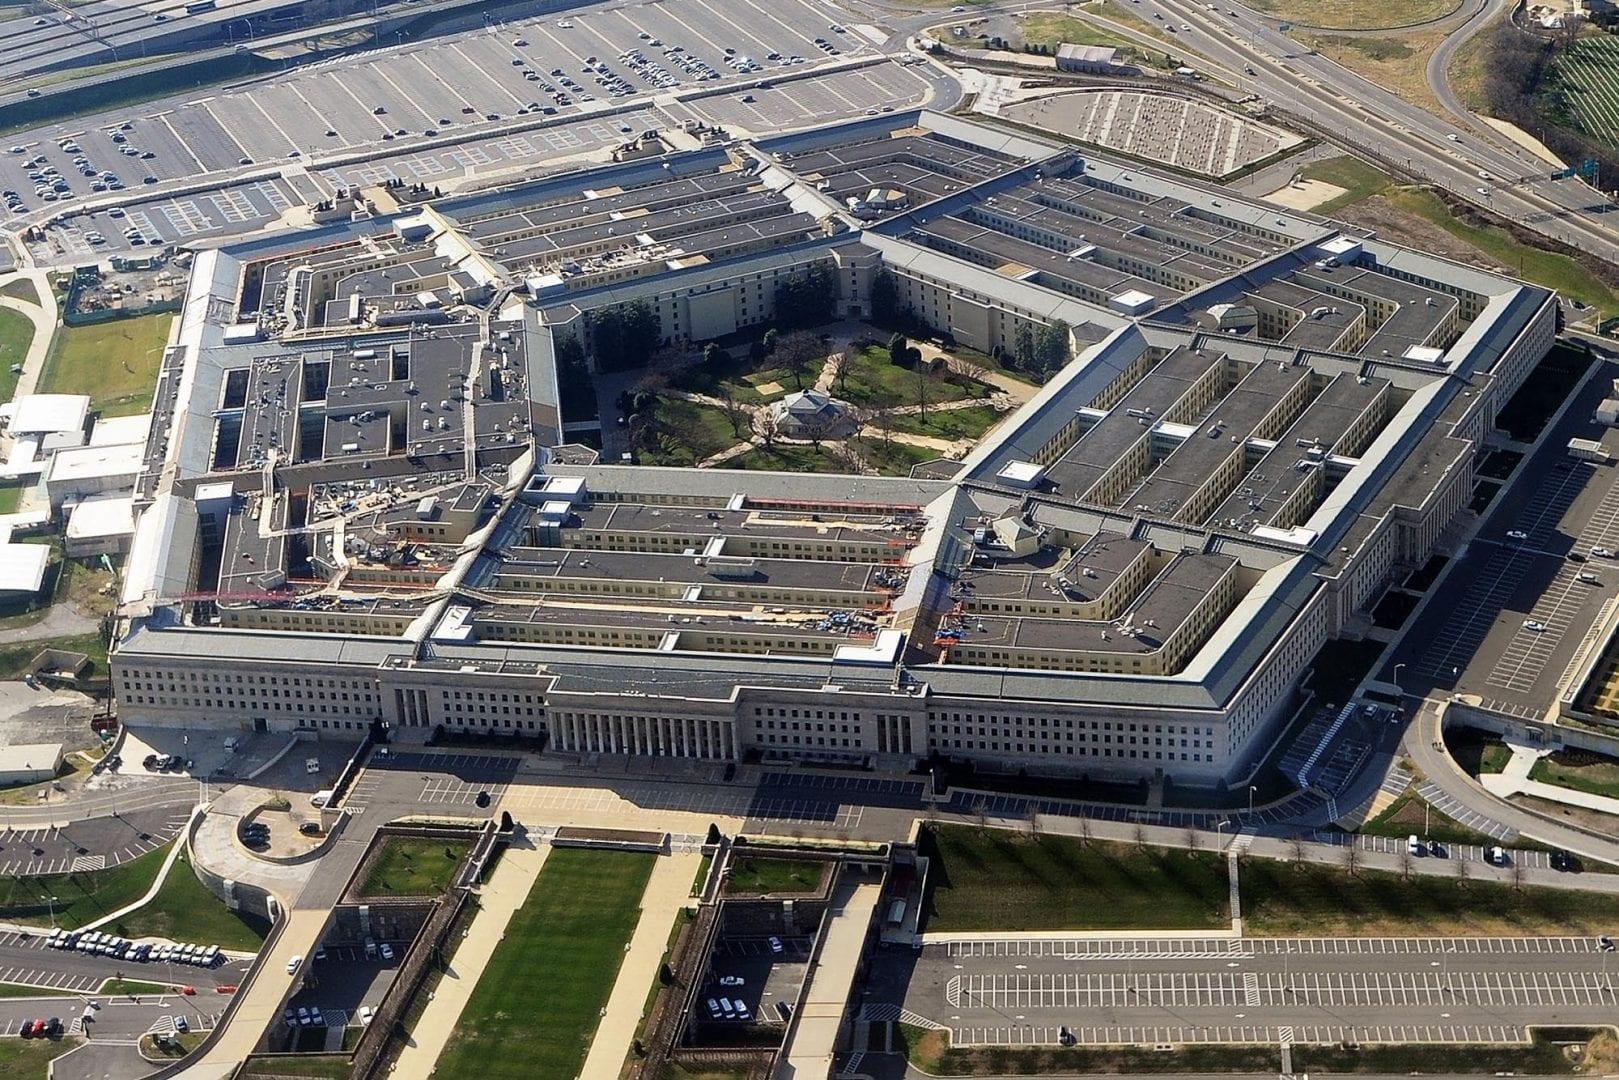 Pentágono - O que é e curiosidades sobre o símbolo da defesa dos EUA